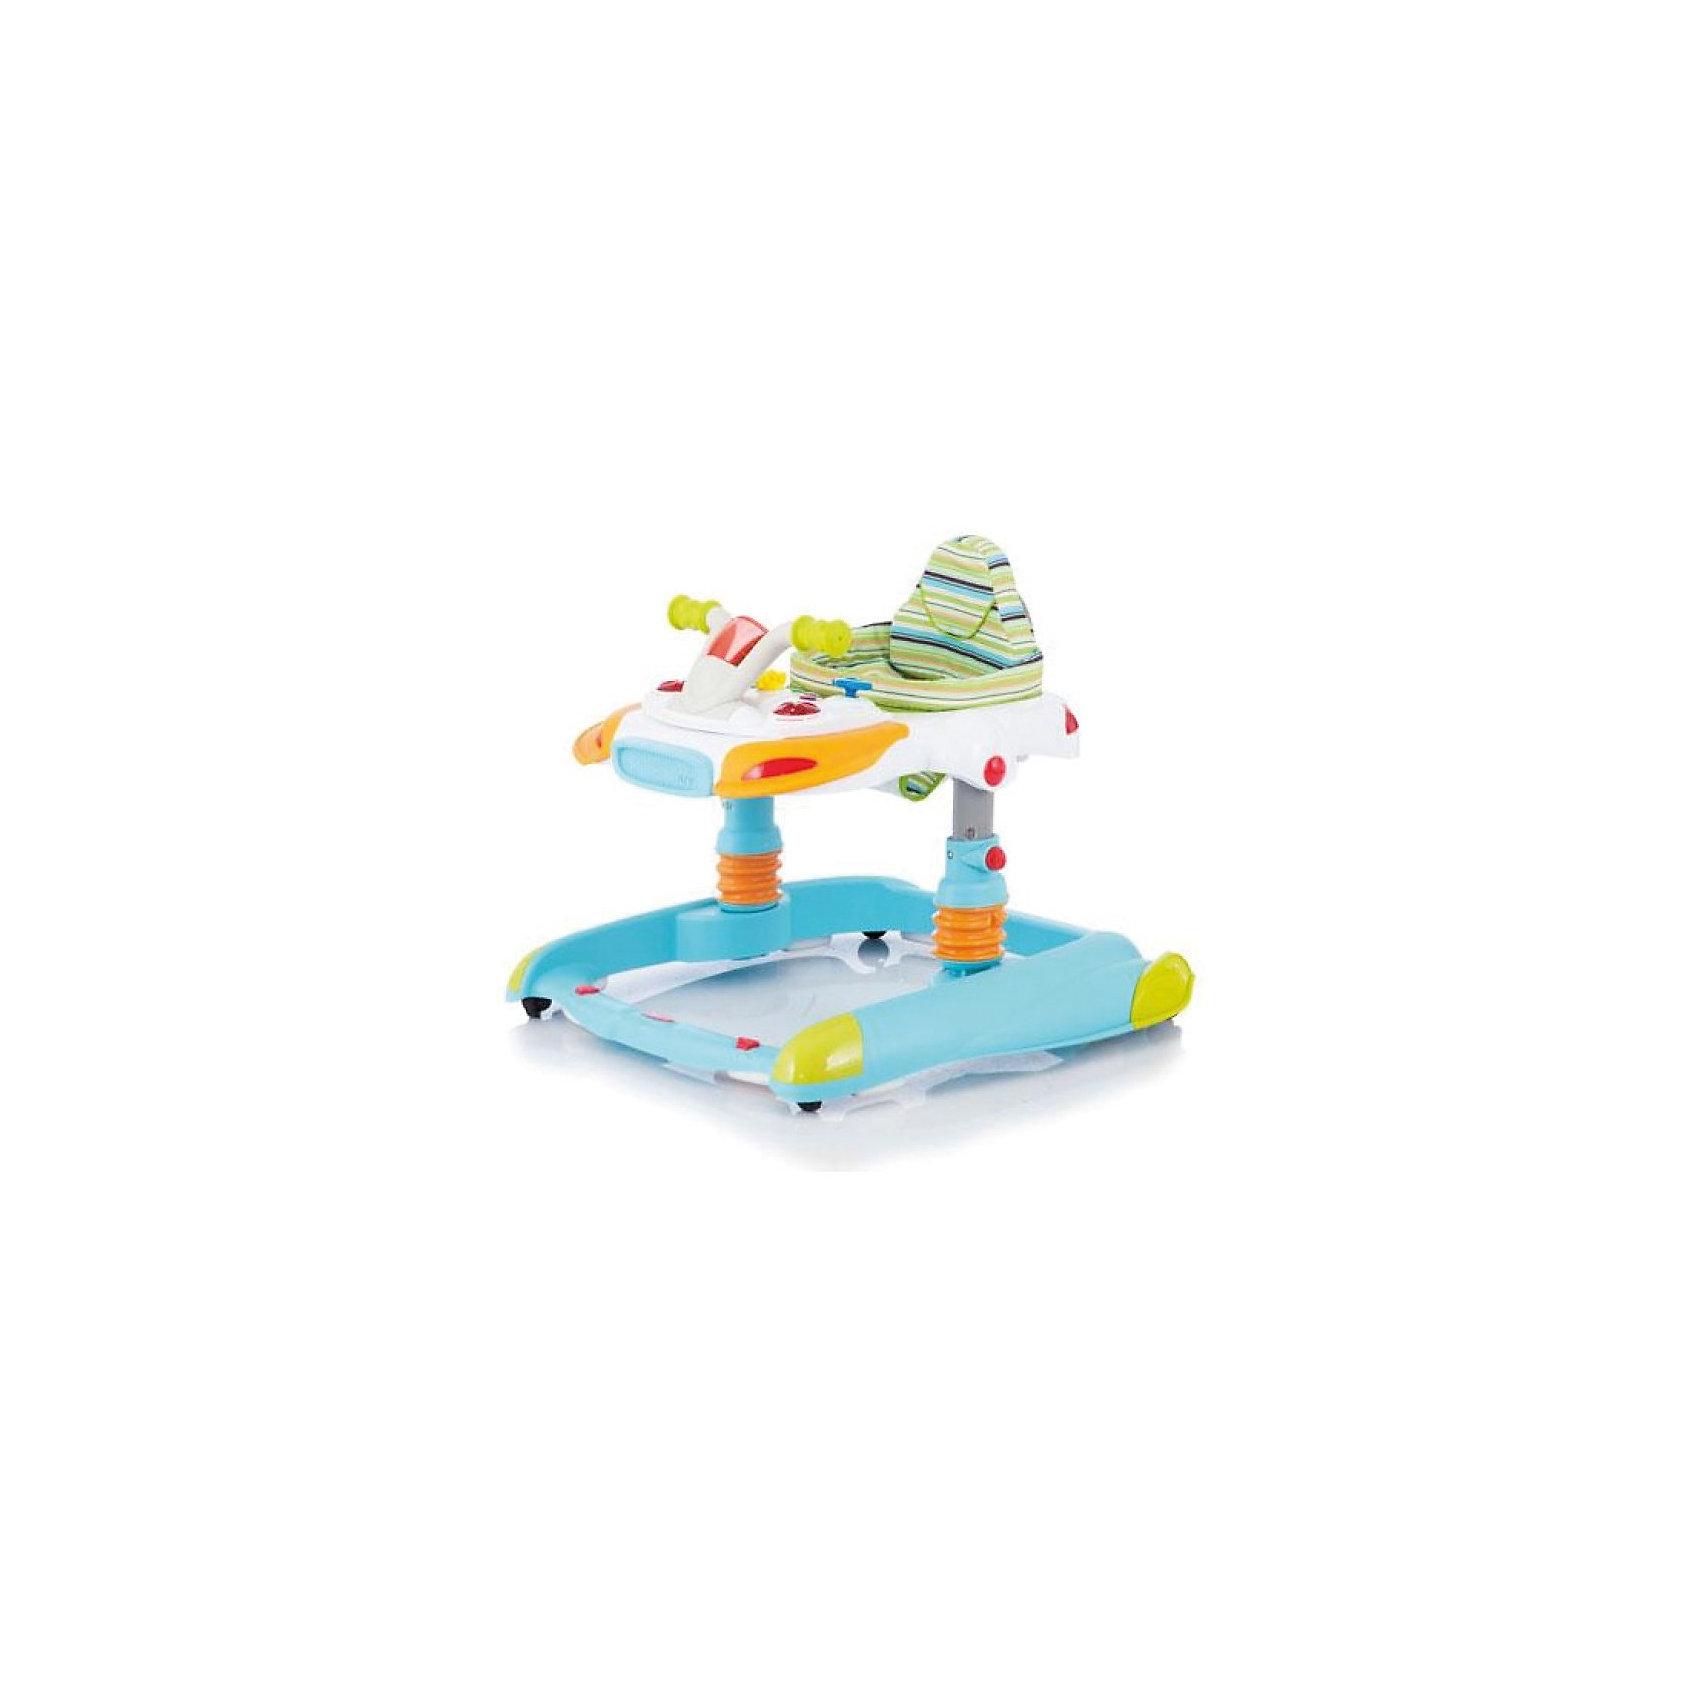 Ходунки Scooter, Jetem, светло-голубойХодунки<br>Яркие детские ходунки Scooter Jetem (Жетем), совмещающие в себе функции ходунков-прыгунков и игрового центра, привлекут внимание малыша и помогут ему самостоятельно передвигаться по квартире, исследовать новые предметы и активно развиваться.<br><br>У ходунков очень легкая рама и широкое основание для максимальной устойчивости, регулировка по высоте в 3-х положениях. Ходунки могут использоваться как прыгунки, для этого нужно установить фиксаторы стоек в определенном положении (в конструкцию стоек входят пружины). Мягкое комфортное сиденье изготовлено из высококачественного и легкомоющегося материала. Ходунки оснащены двумя стопорами, которые позволяют контролировать передвижения ребенка, замок-фиксатор защищает от произвольного складывания и служит дополнительной безопасности.<br><br>Игровой центр оформлен в виде панели управления скутером, при повороте руля вправо/влево, вверх/вниз звучат мелодии и загораются лампочки. На панели также размещены 5 звуковых кнопок, воспроизводящие пять разных мелодий одновременно со световыми сигналами, имеется регулятор громкости и съемная игрушка. При повороте ключа раздается звук заводящегося двигателя. Игровая панель легко снимается, после чего можно пользоваться лотком как столиком. Съемную игровую панель можно использовать как отдельную игрушку. Резиновый бампер и 4 двойных поворотных силиконовых колеса обеспечат защиту вашей мебели и напольному покрытию. Ходунки компактно складываются гармошкой и не занимают много места в квартире.<br>    <br>Дополнительная информация:<br><br>- Цвет: светло-голубой.<br>- Возраст: от 6 мес. до 1,5 лет (вес до 12 кг.). <br>- Материал: пластик, металл, полиэстер.  <br>- Требуются батарейки (для игрового центра): 2 х АА (в комплекте нет).<br>- Размер: 75 х 65 х 55 см.<br>- Размер упаковки: 67 х 75 х 20 см.<br>- Вес с упаковкой: 8,5 кг. <br>- Вес: 8,5 кг.<br><br>Детские ходунки Scooter Jetem (Жетем) можно купить в нашем интернет-магазине.<br><br>Ширин